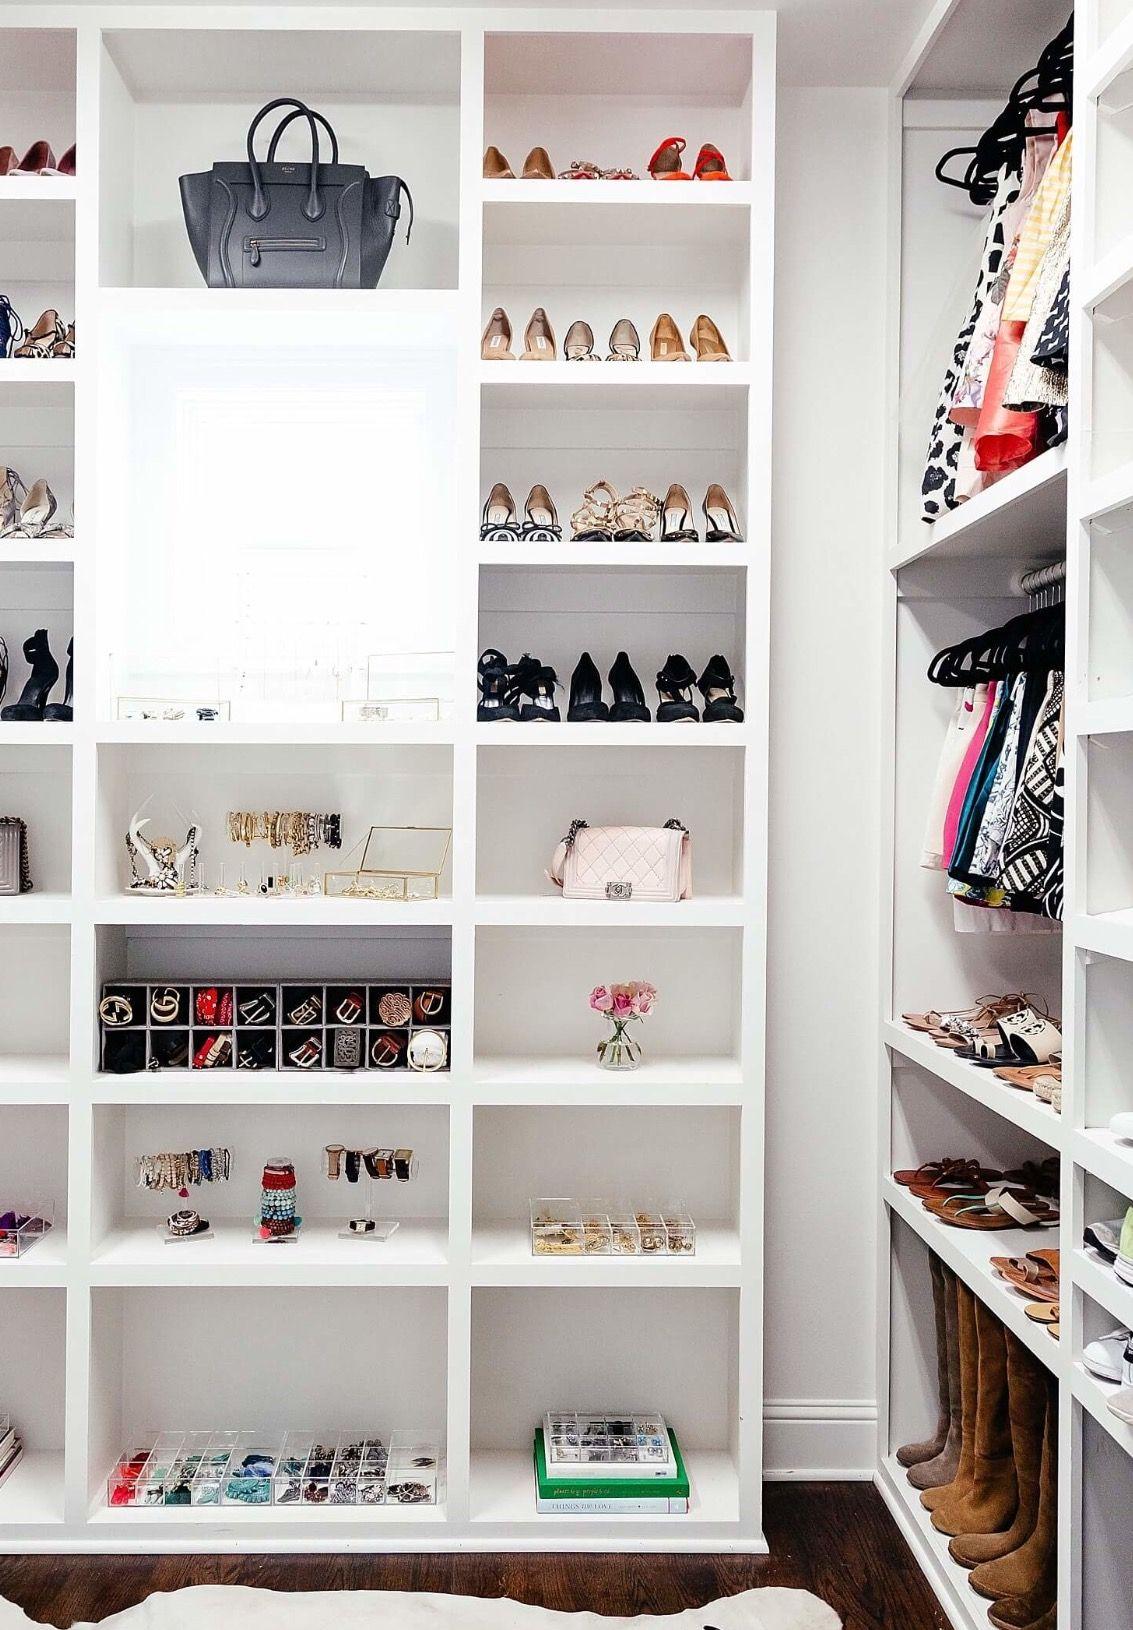 Ankleidezimmer luxus  Boutique style closet | Room & closet | Pinterest | Ankleidezimmer ...